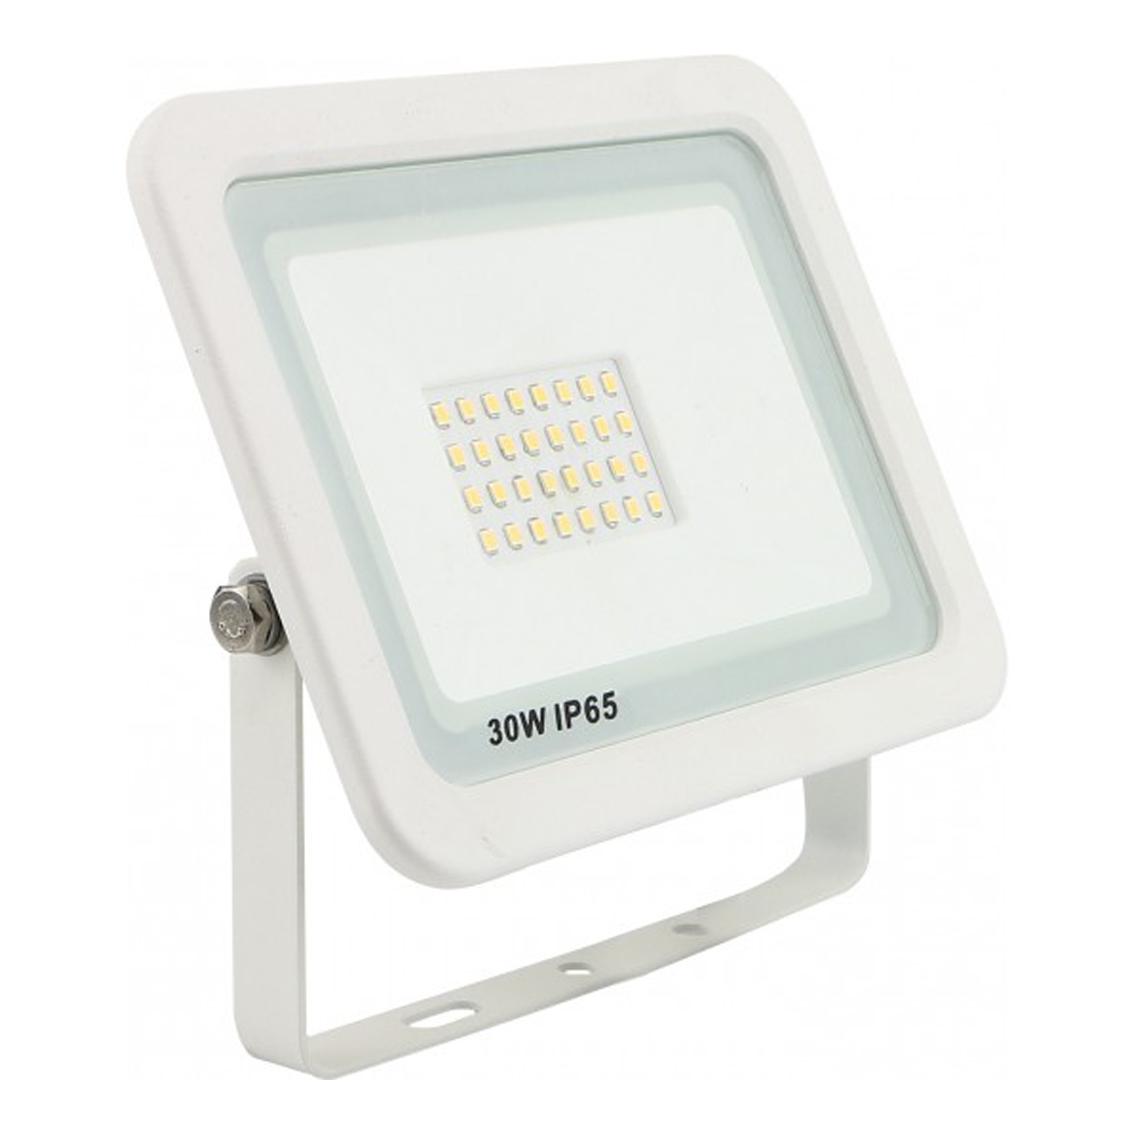 SMD LED reflektor 30W 6500K 2400lm Bijeli Mitea Elektro Vukojevic